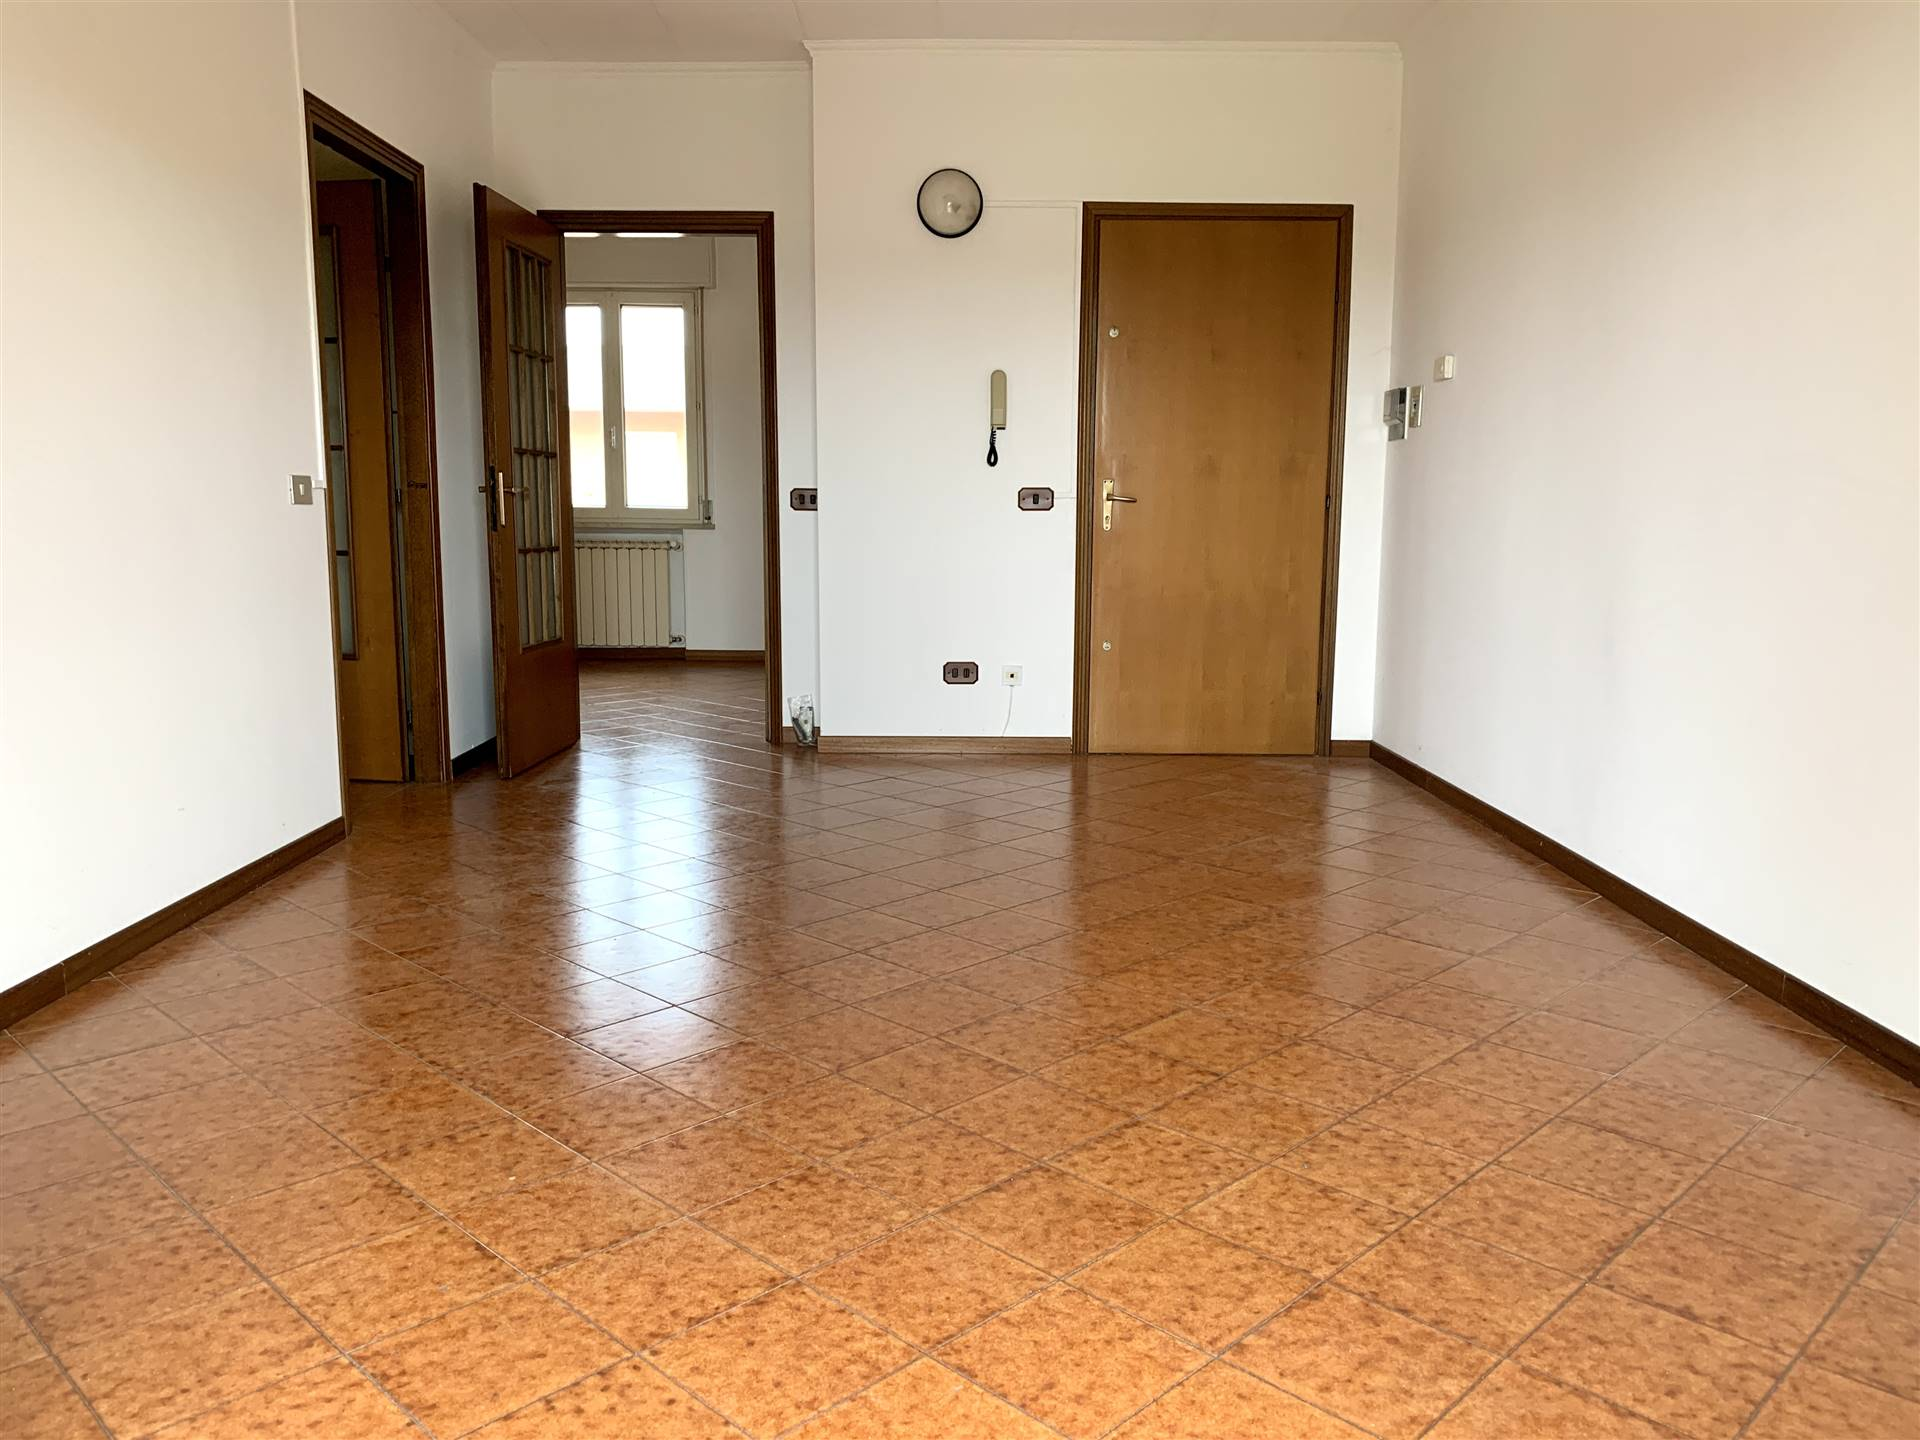 Appartamento in vendita a Bagnolo San Vito, 4 locali, zona Zona: San Biagio, prezzo € 62.000 | CambioCasa.it